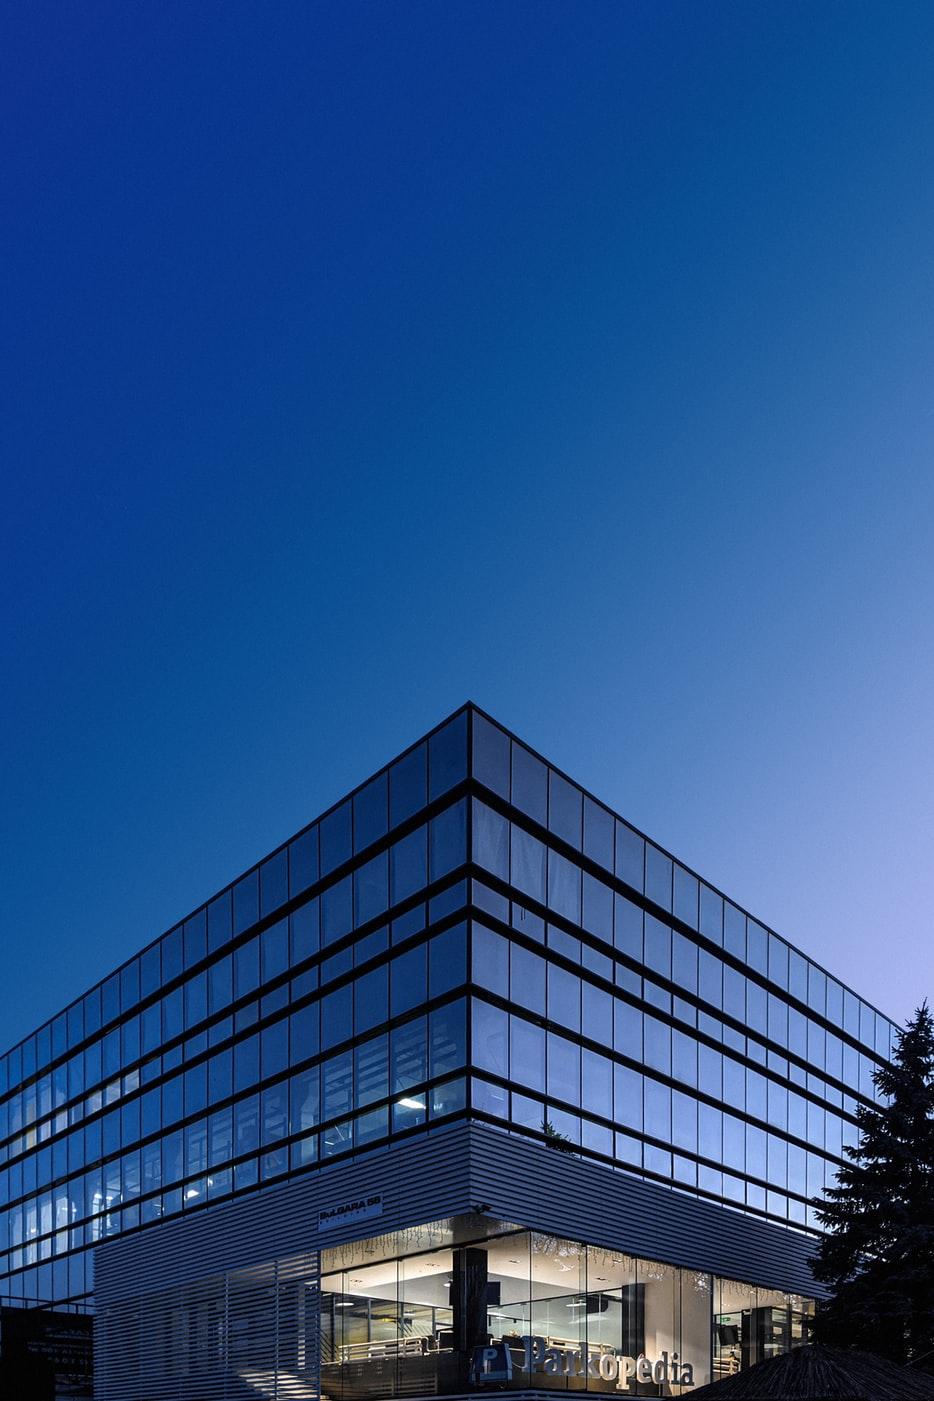 kontordomicil eller kontorfællesskab